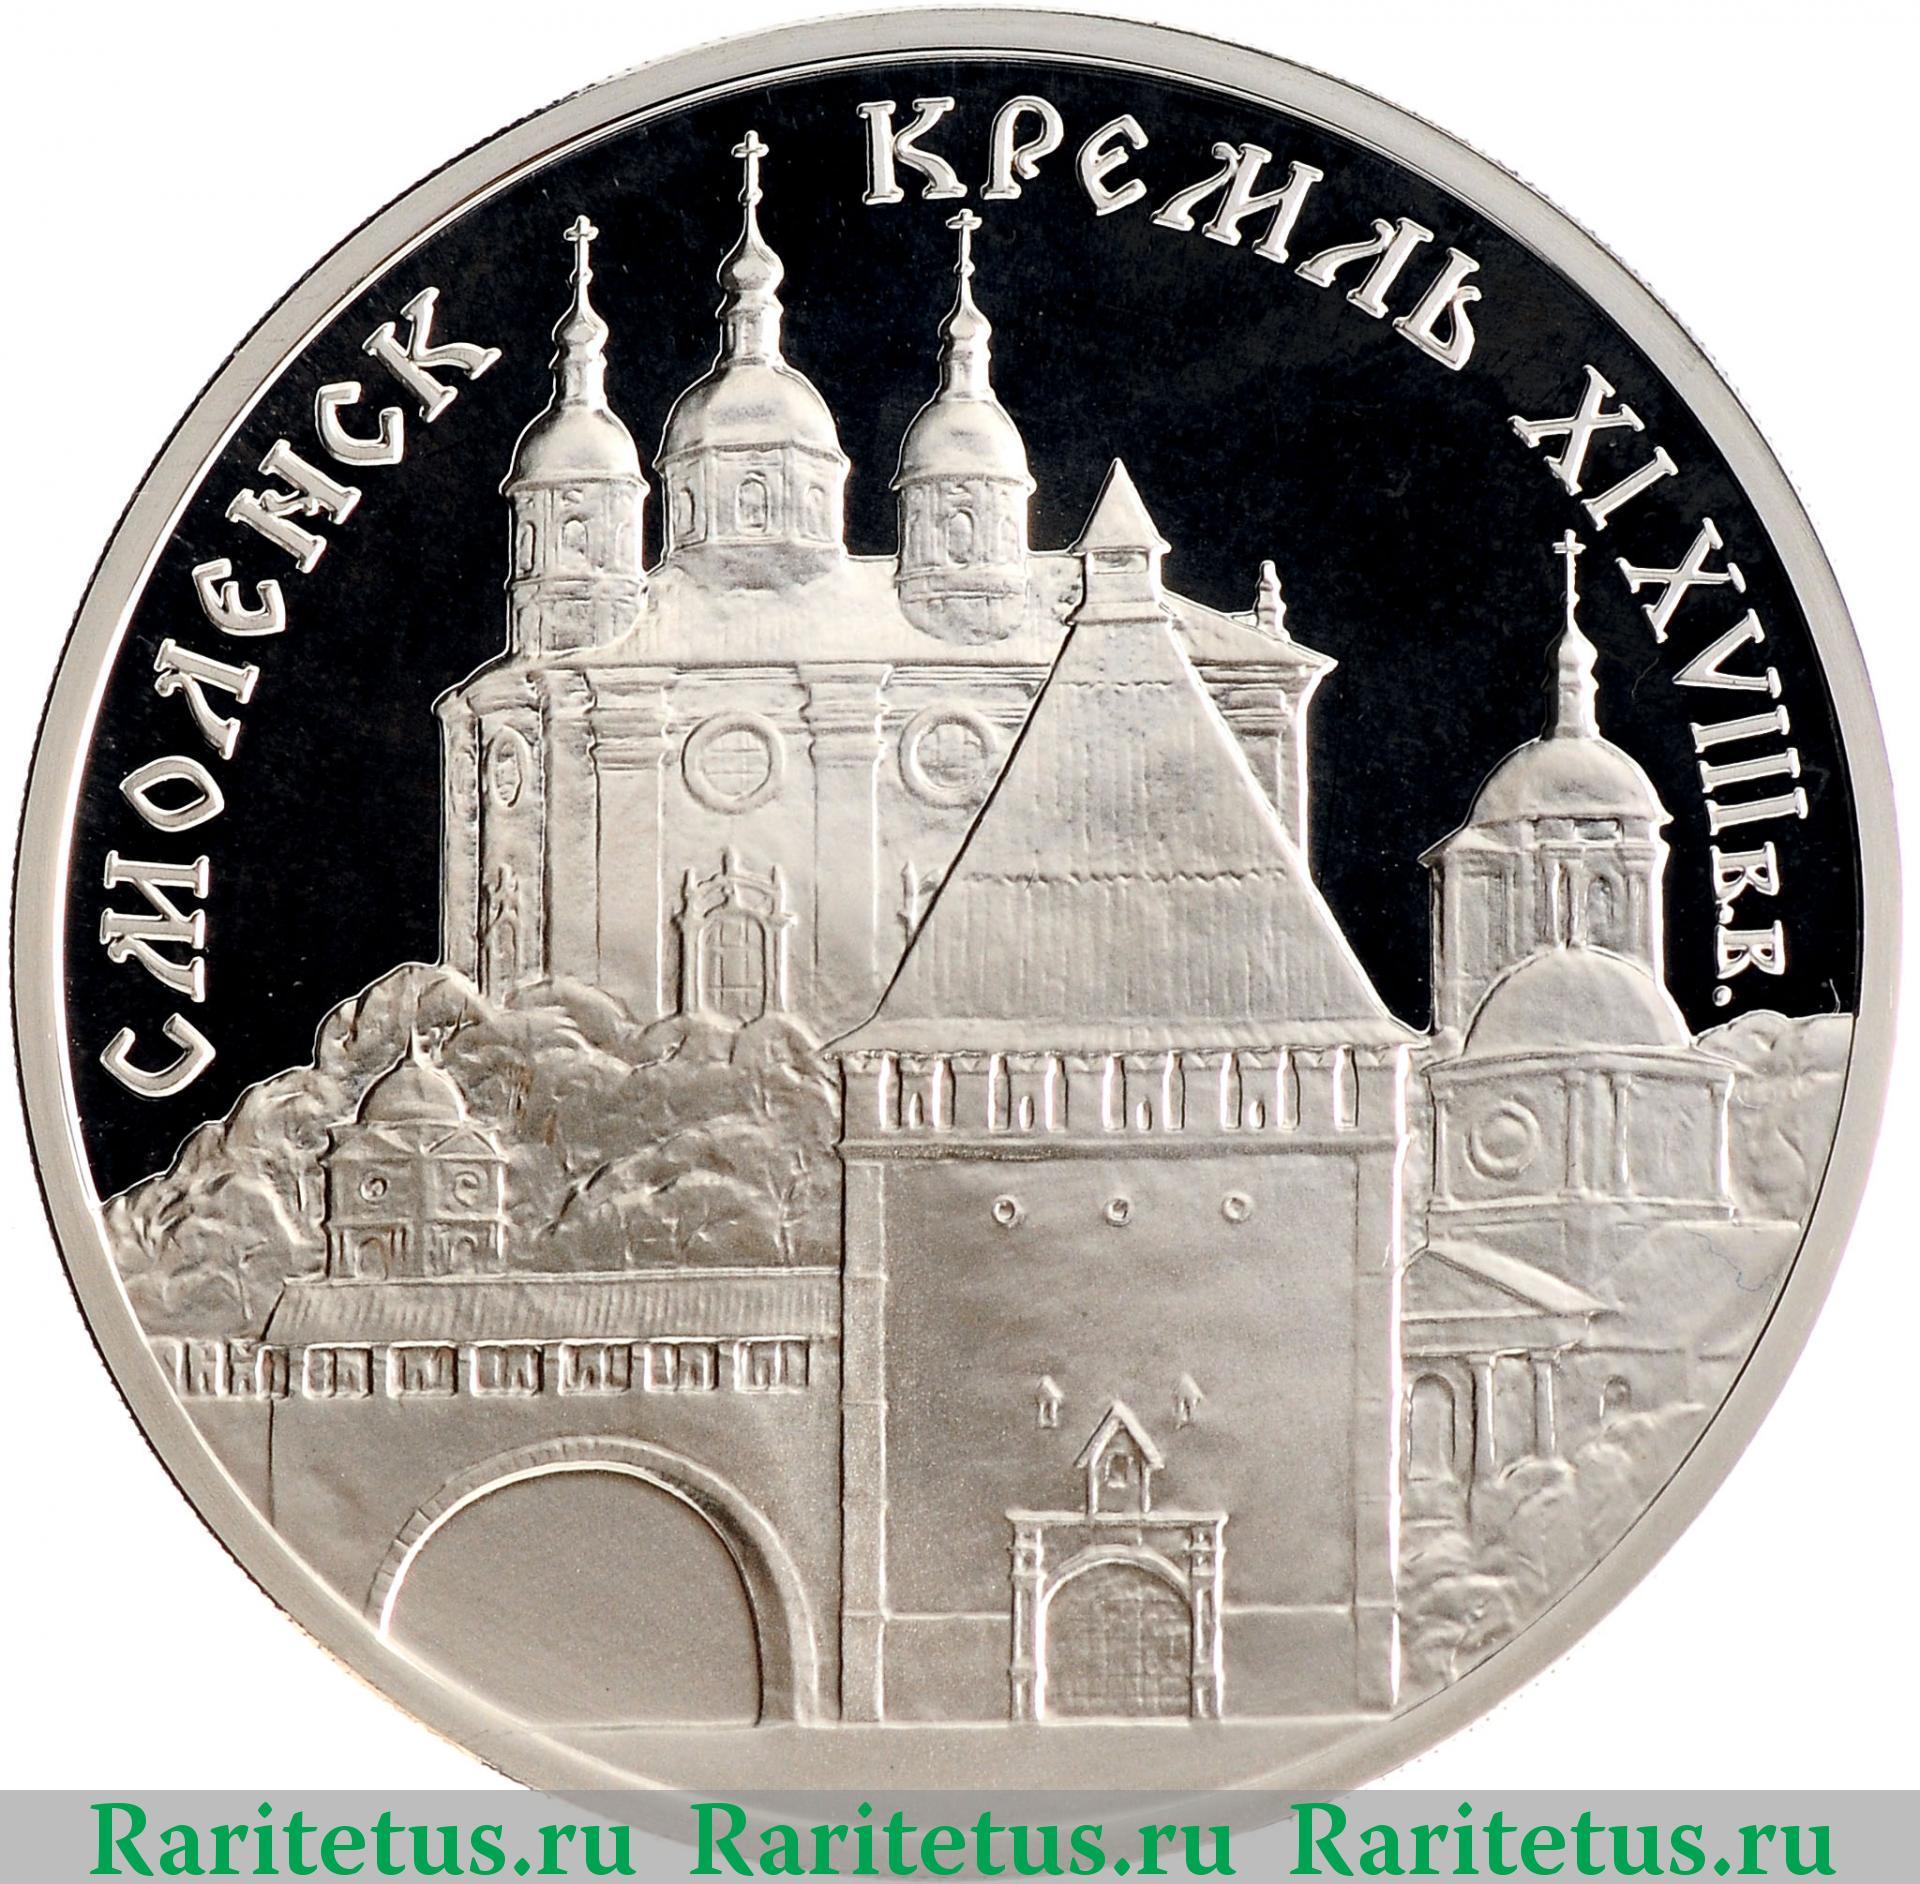 Смоленск магазин монет 10 рублей космос